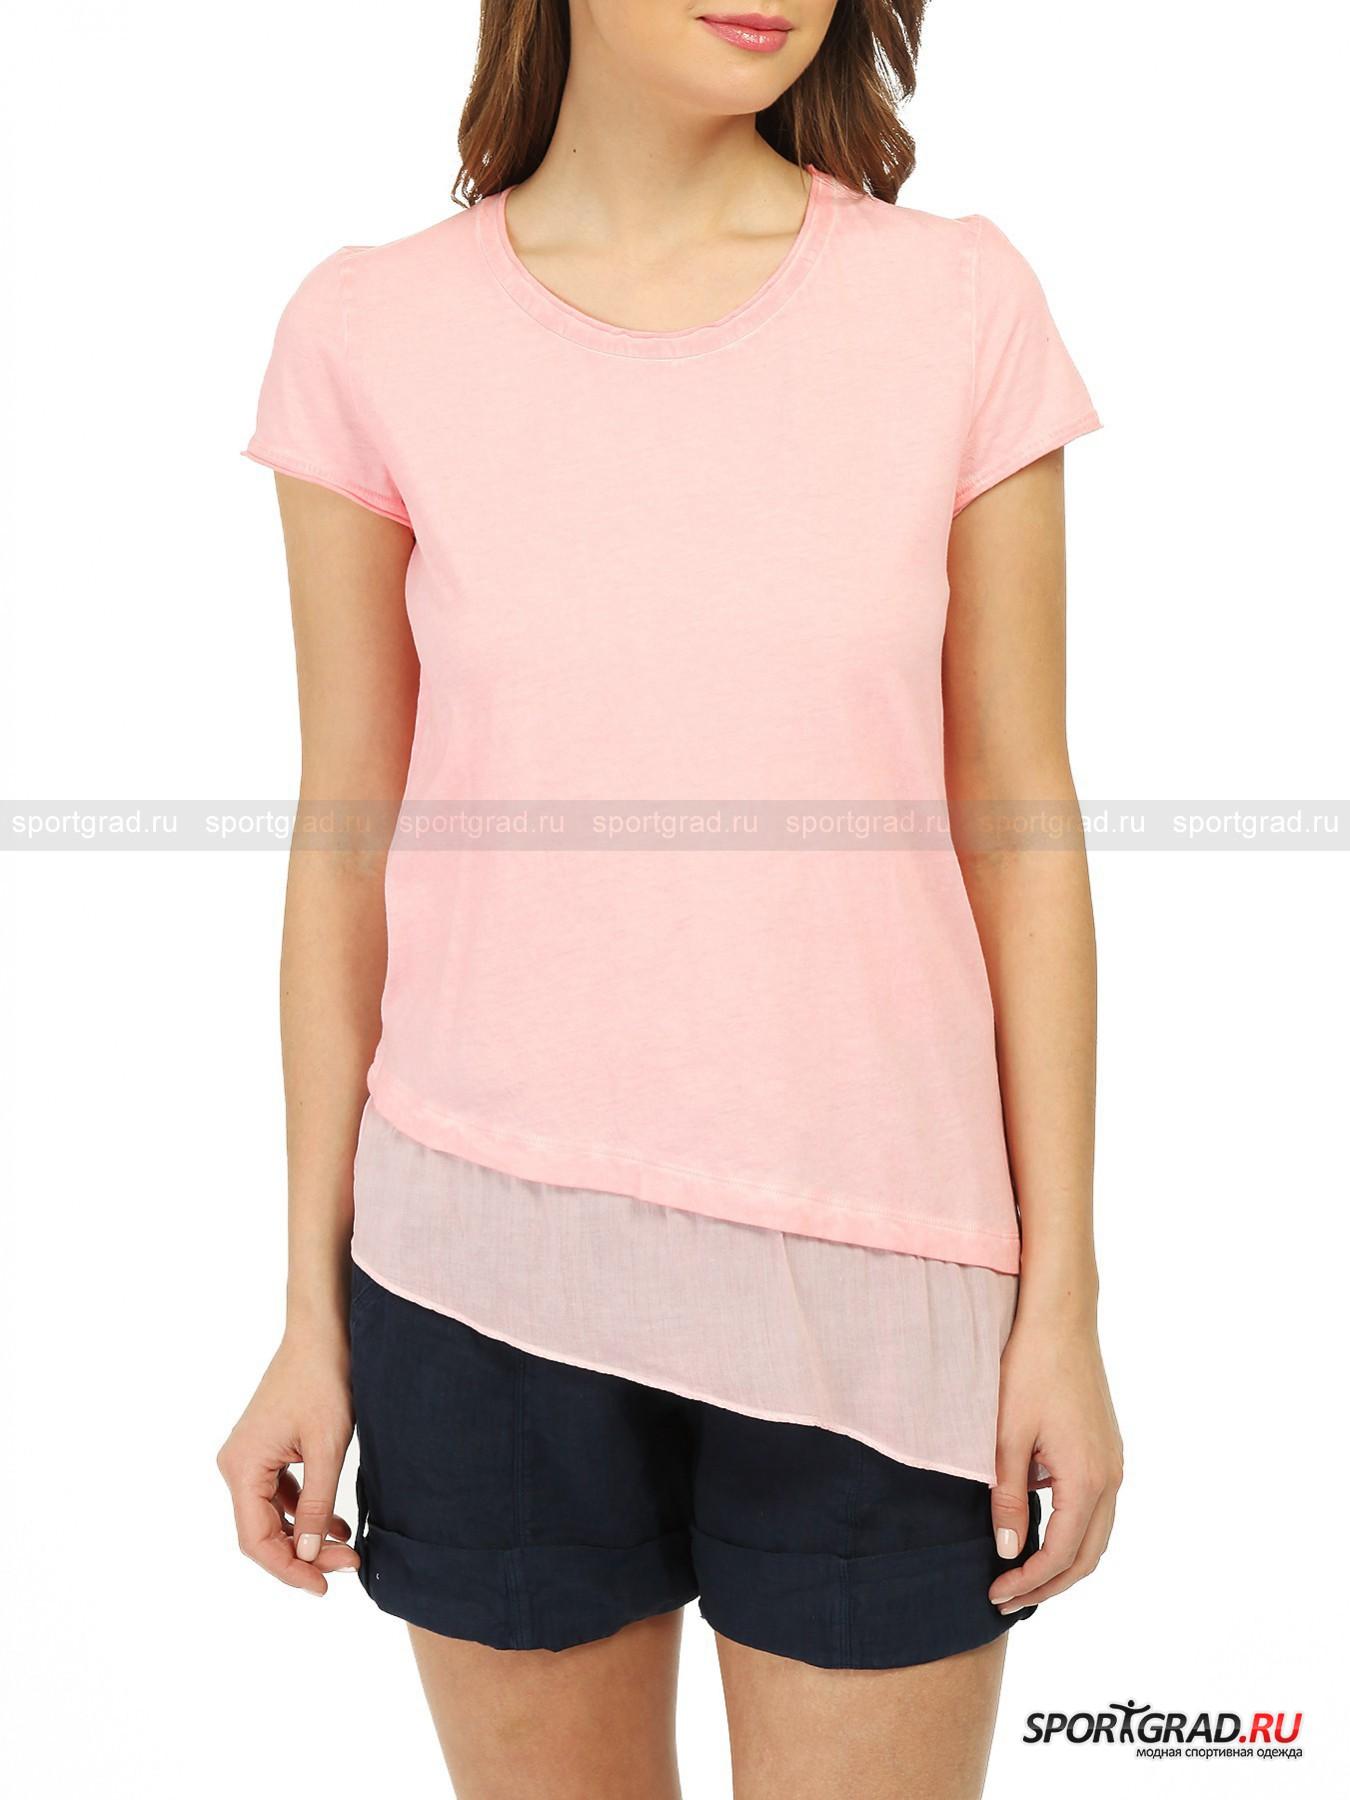 Футболка женская T-shirt DEHAФутболки<br>Нежно-розовая футболка прямого покроя T-shirt Deha – очаровательная летняя модель, свежая и воздушная. Она сделана из высококачественного хлопкового полотна, обработанного таким образом, чтобы придать изделию слегка потертый, винтажный внешний вид, интересный неоднородный цвет и потрясающую мягкость.<br>Особенности модели:<br>- ассиметричный нижний край;<br>- внизу вставка из легкого полупрозрачного материала;<br>- небрежно обработанные края рукавов и выреза горловины.<br><br>Пол: Женский<br>Возраст: Взрослый<br>Тип: Футболки<br>Рекомендации по уходу: стирка в теплой воде до 30 С; не отбеливать; гладить слегка нагретым утюгом (температура до 110 C); химическая чистка сухим способом; нельзя выжимать и сушить в стиральной машине<br>Состав: 100% хлопок; 100% вискоза